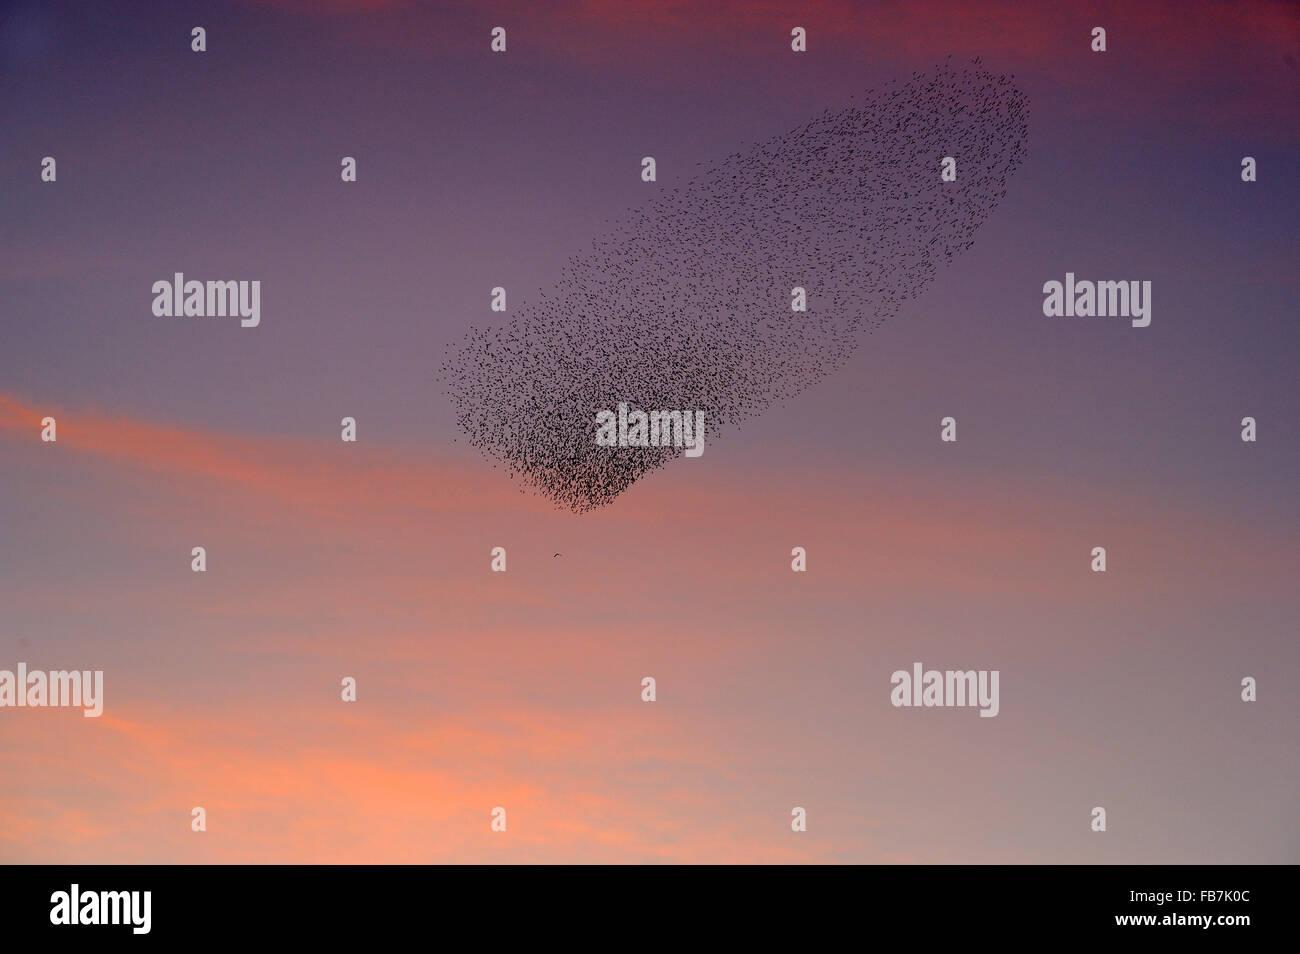 Rebaño estornino (Sturnus vulgaris) al atardecer, con el aguilucho lagunero (Circus aeruginosus) volar debajo de la grey , rosa sky Foto de stock